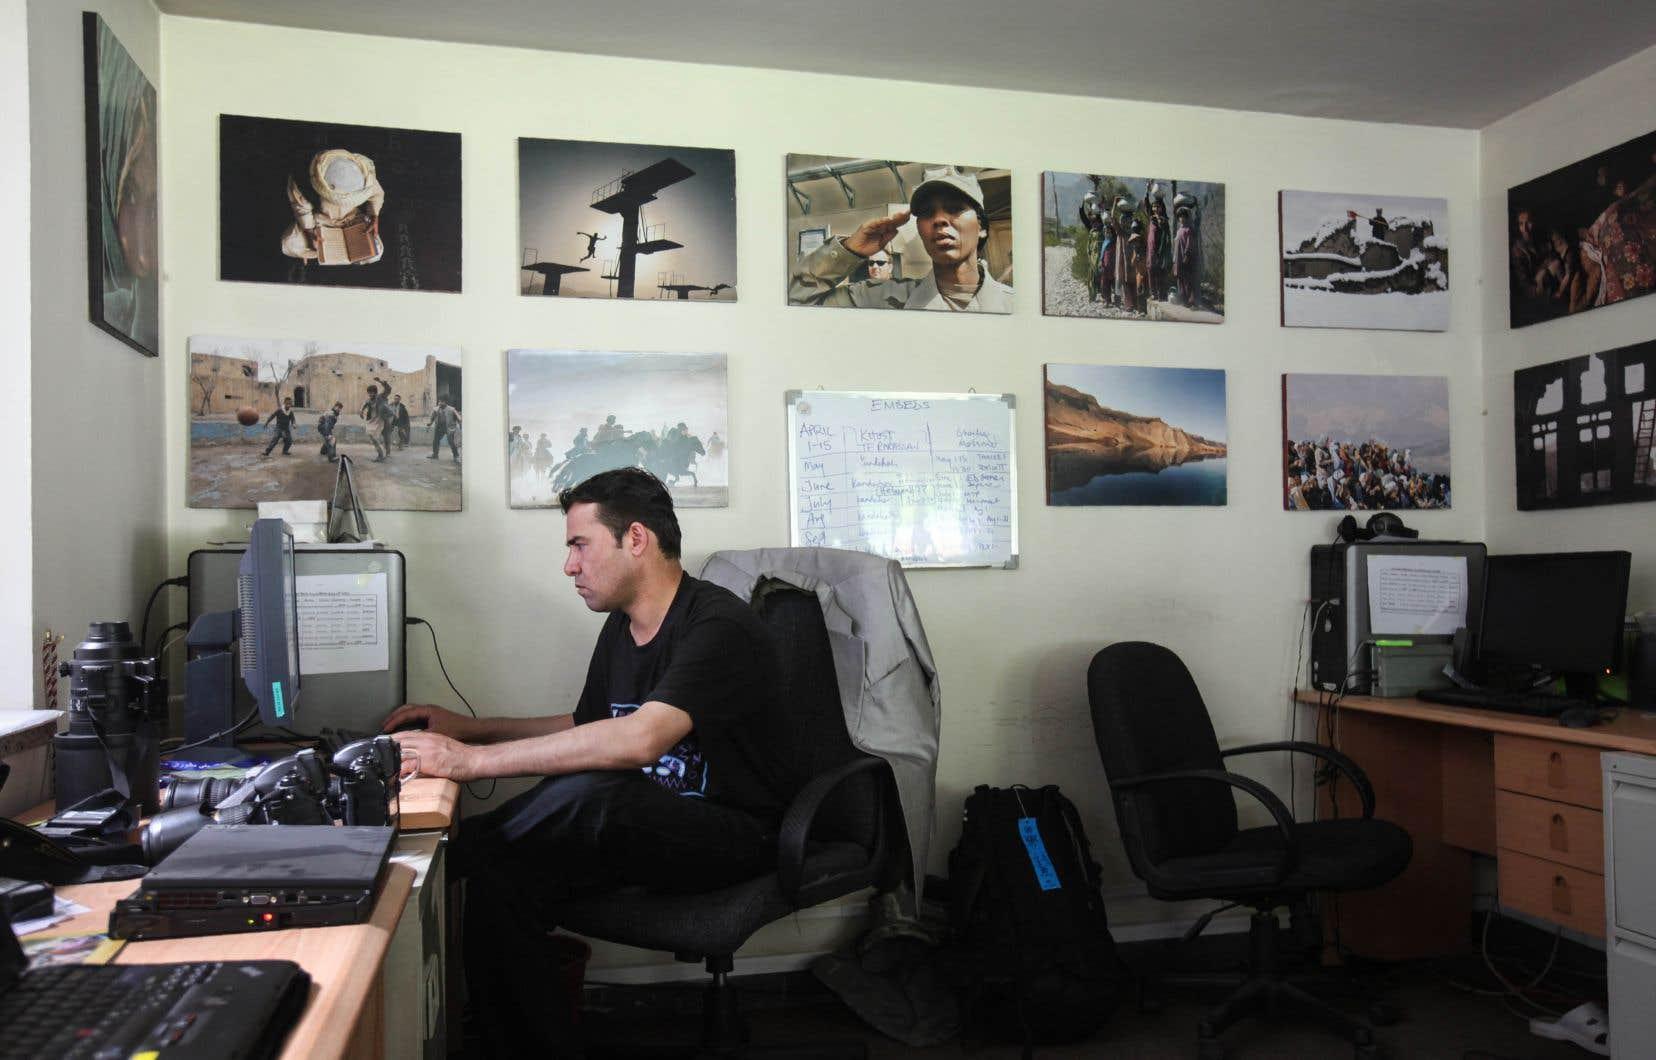 Shah Marai, photographe en chef de l'Agence France-Presse pour l'Afghanistan, dans son bureau de Kaboul en juin 2010